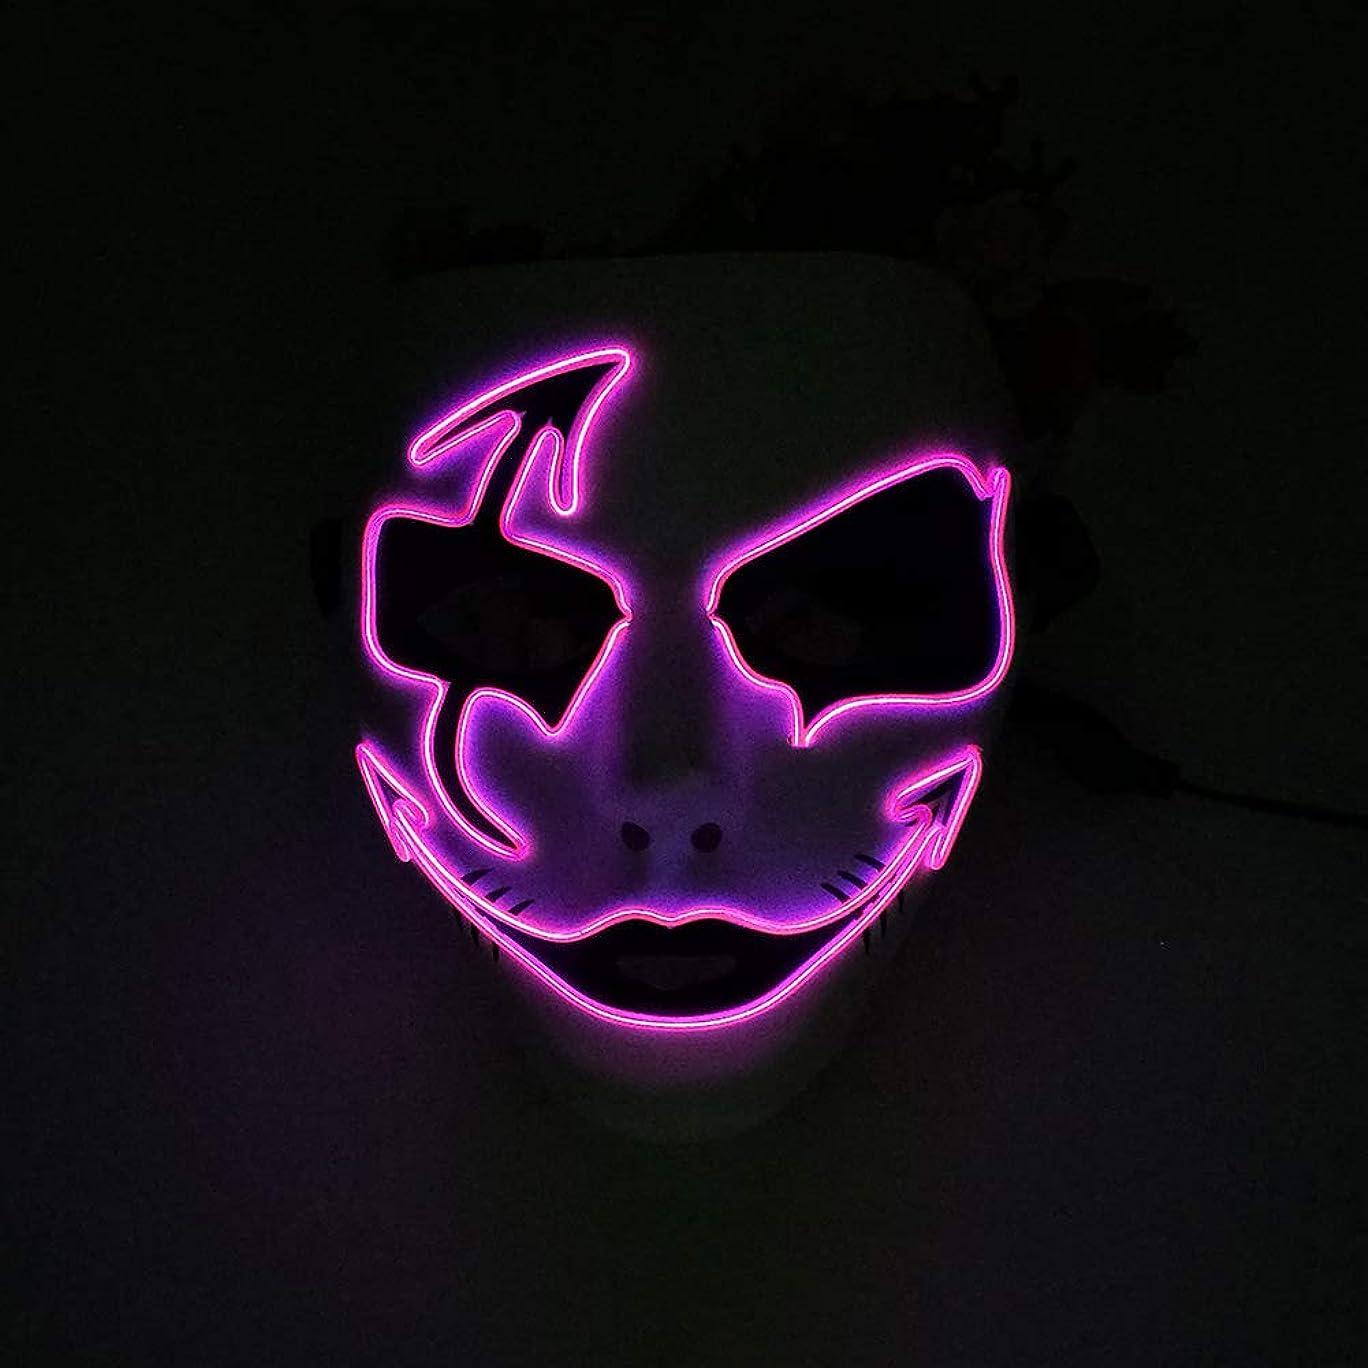 ワゴンビーズチャーム手塗り 矢印 イルミネーション LED 蛍光 グリマース マスク 2個 EL ワイヤー ハロウィン 化粧 コスプレ パーティー プロップ (19×16Cm) MAG.AL